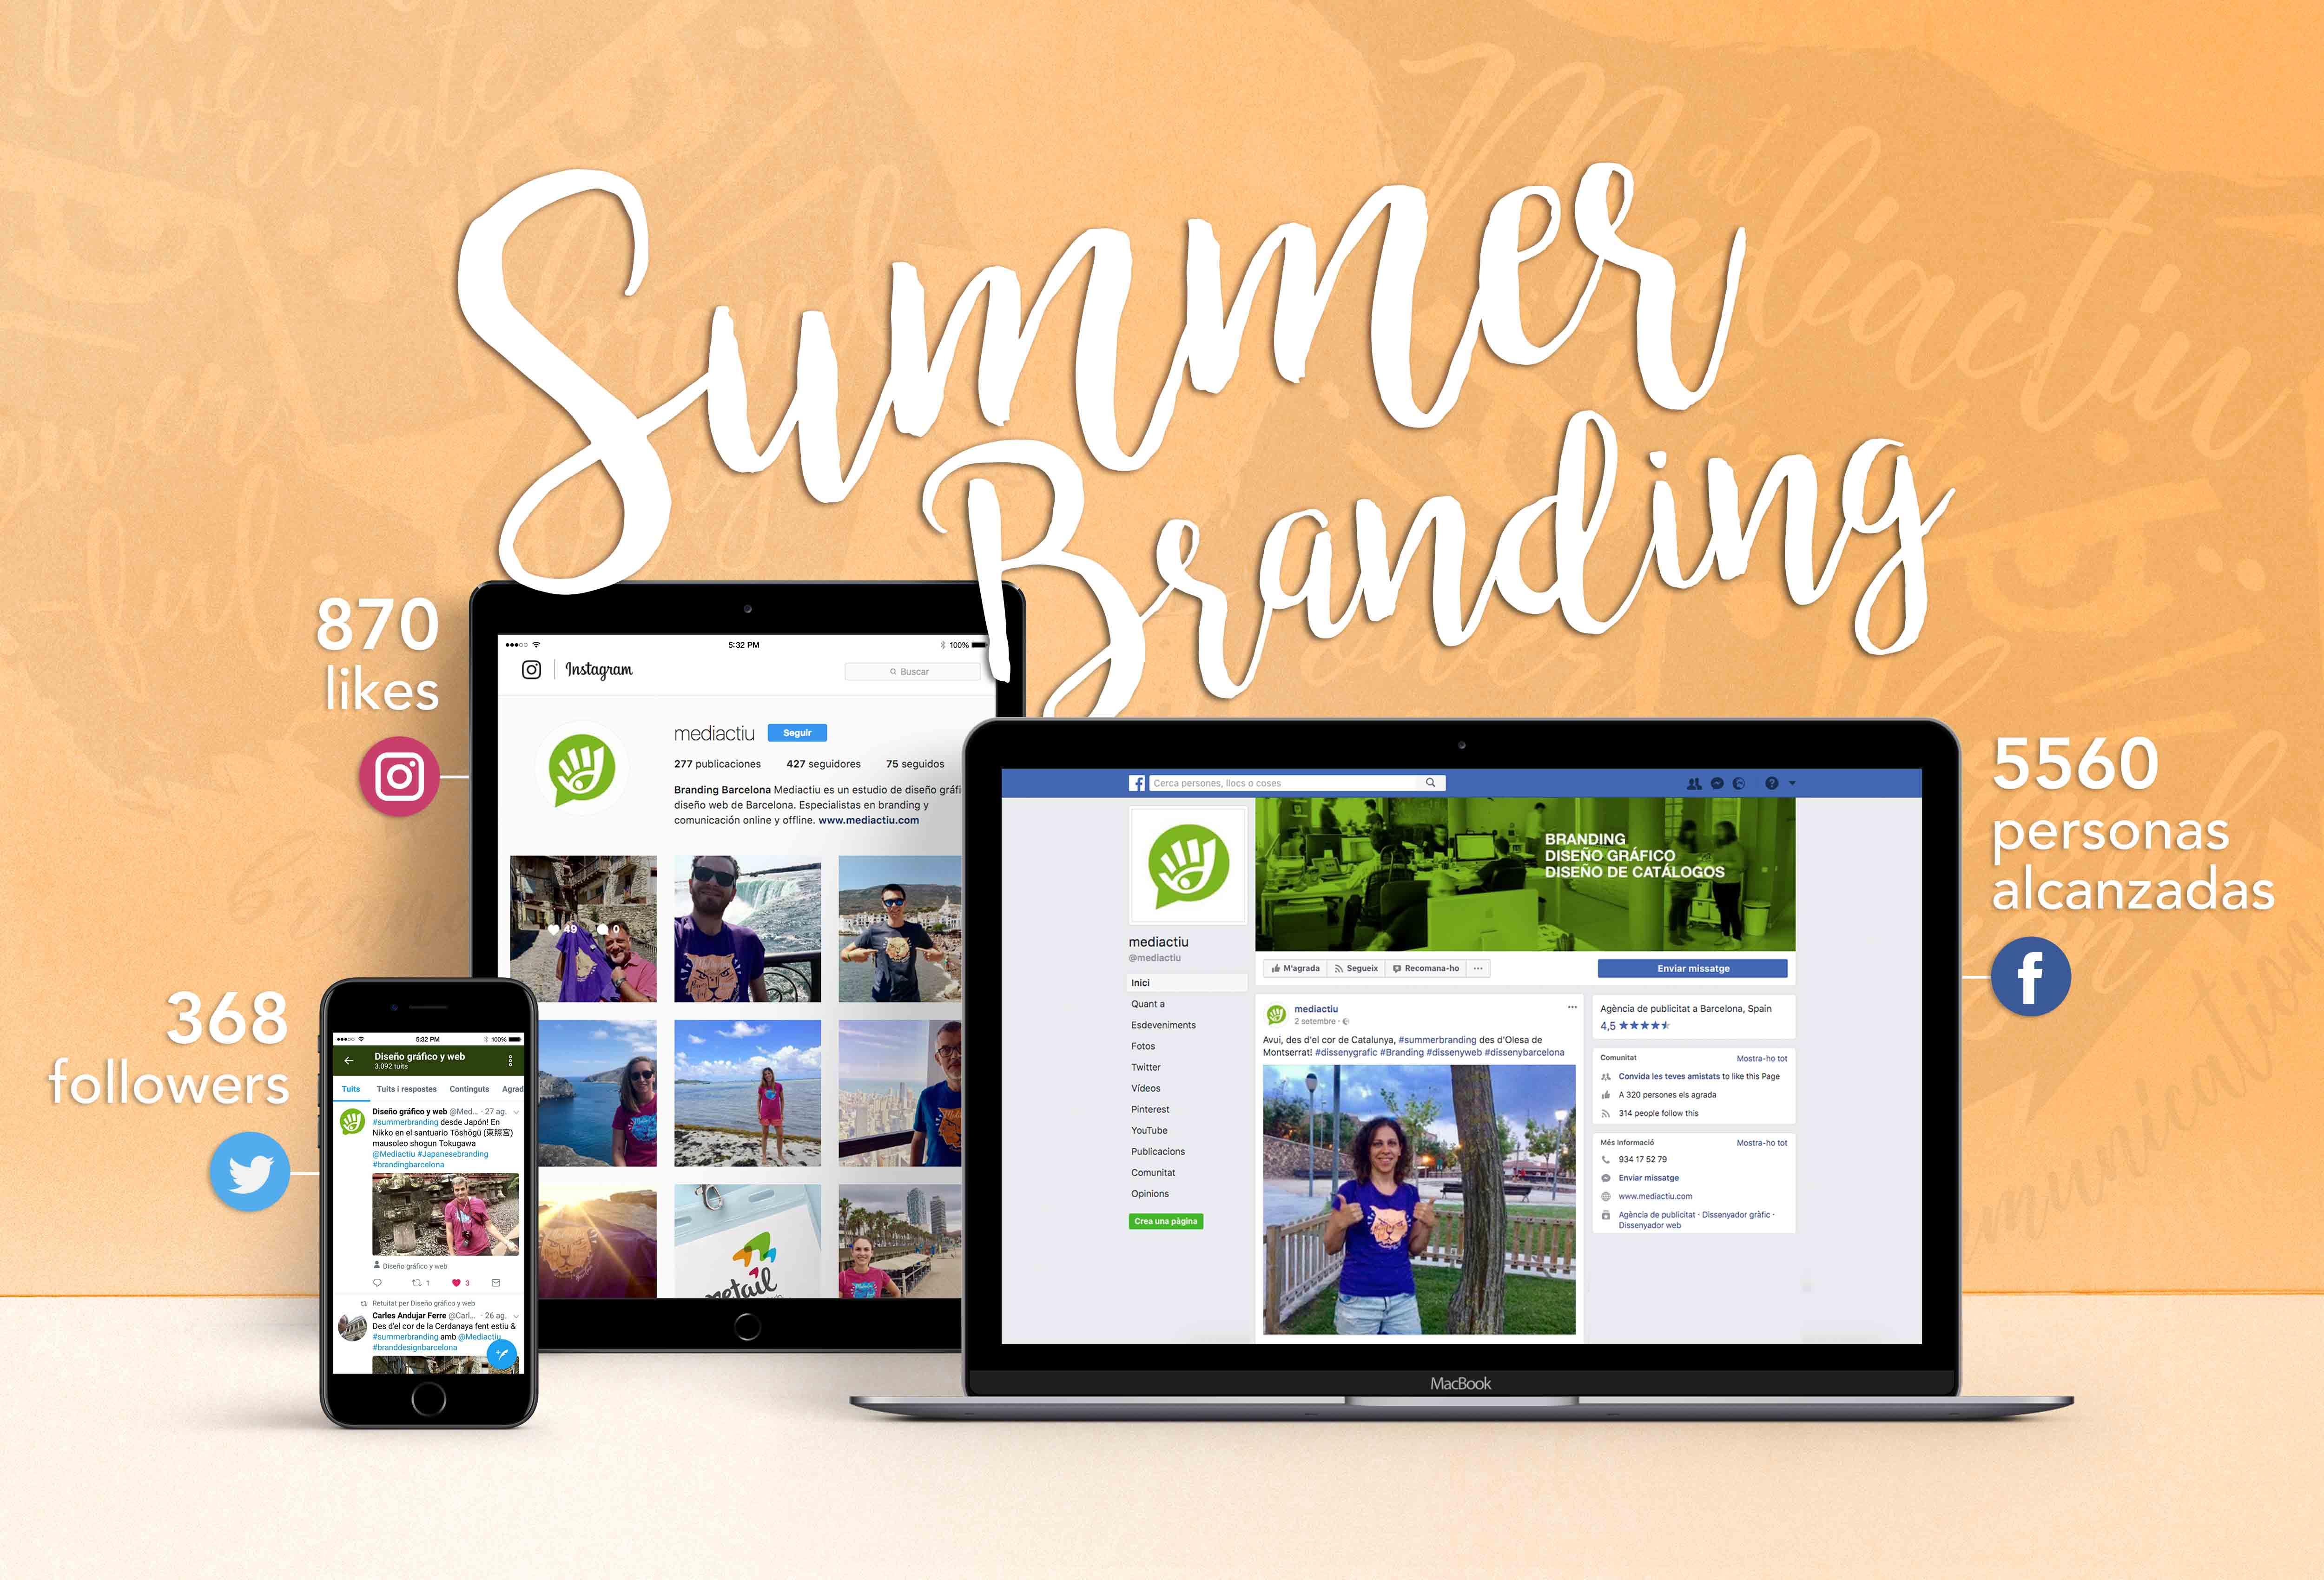 campana verano branding barcelona - Campaña #SummerBranding de comunicación de marca